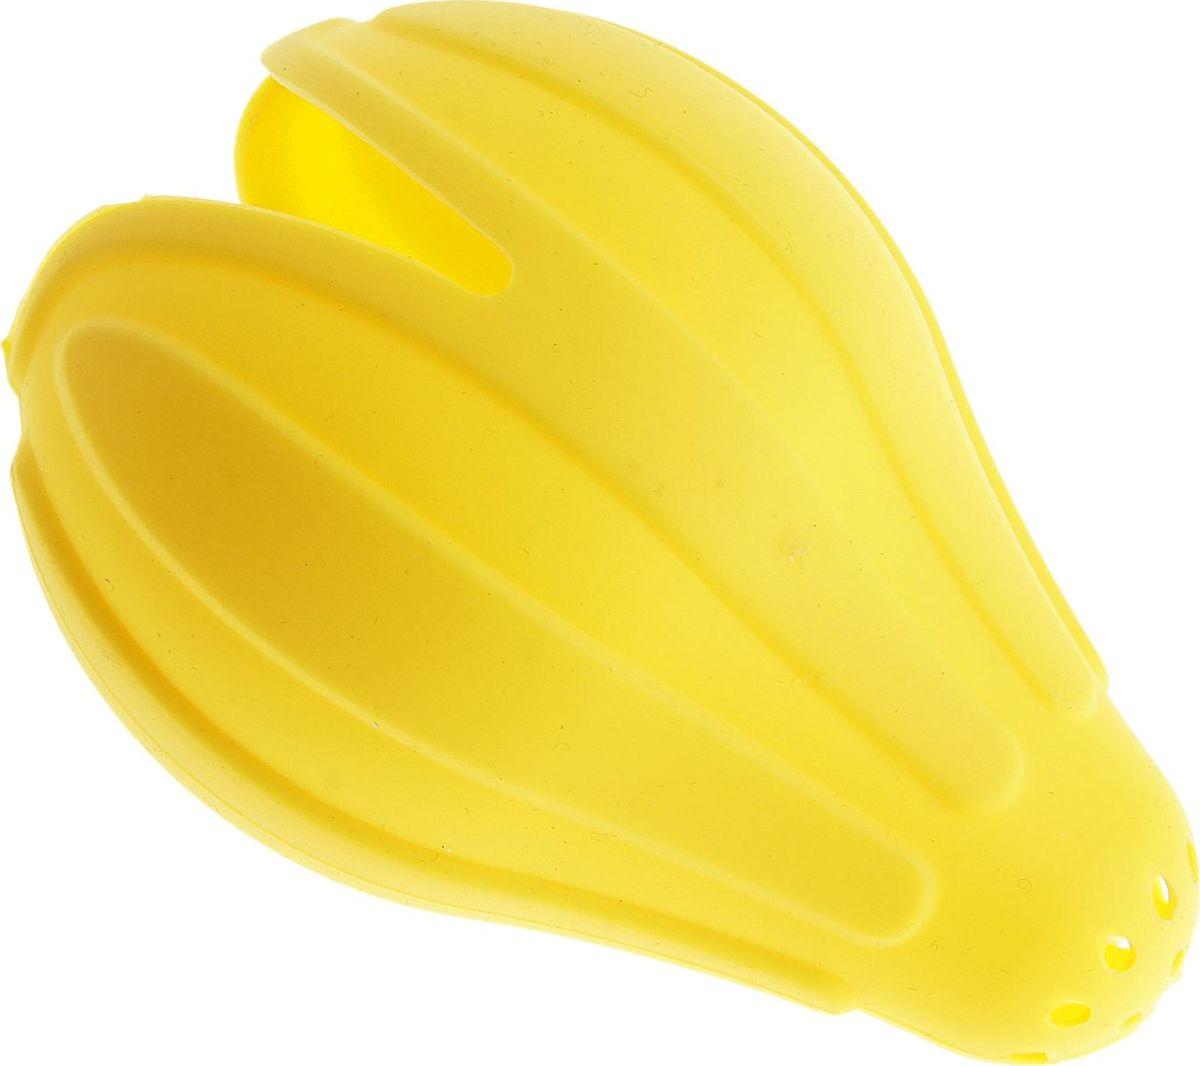 Соковыжималка Доляна Лимония, ручная, 13 х 8 см178103Ручная соковыжималка Доляна Лимония представляет собой простое устройство, благодаря которому вы с легкостью и без проблем сможете извлечь сок из апельсинов, мандаринов, грейпфрутов, лимонов и прочих цитрусовых в небольших количествах. Этот компактный и простой по конструкции атрибут весьма удобен в использовании, легок в очистке и станет неотъемлемым прибором на вашей кухне.